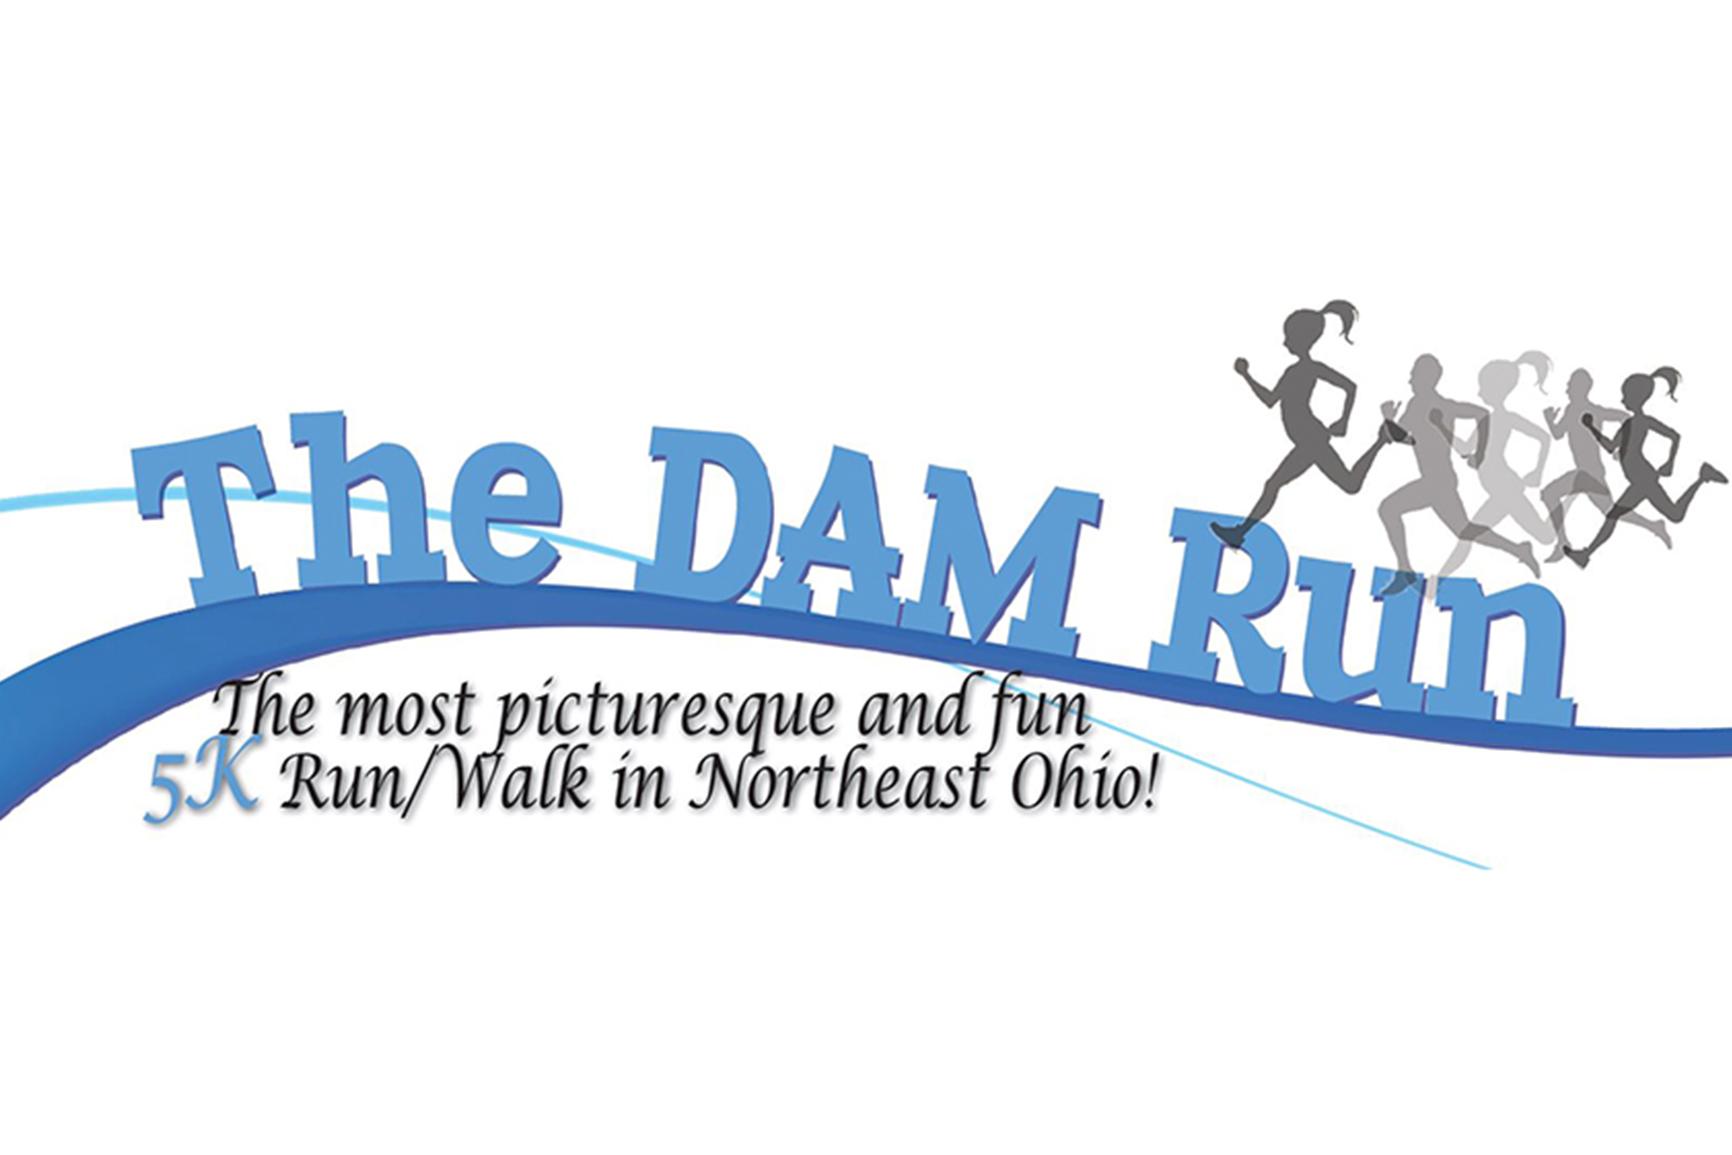 Dam-Run-Halliday's-Winery